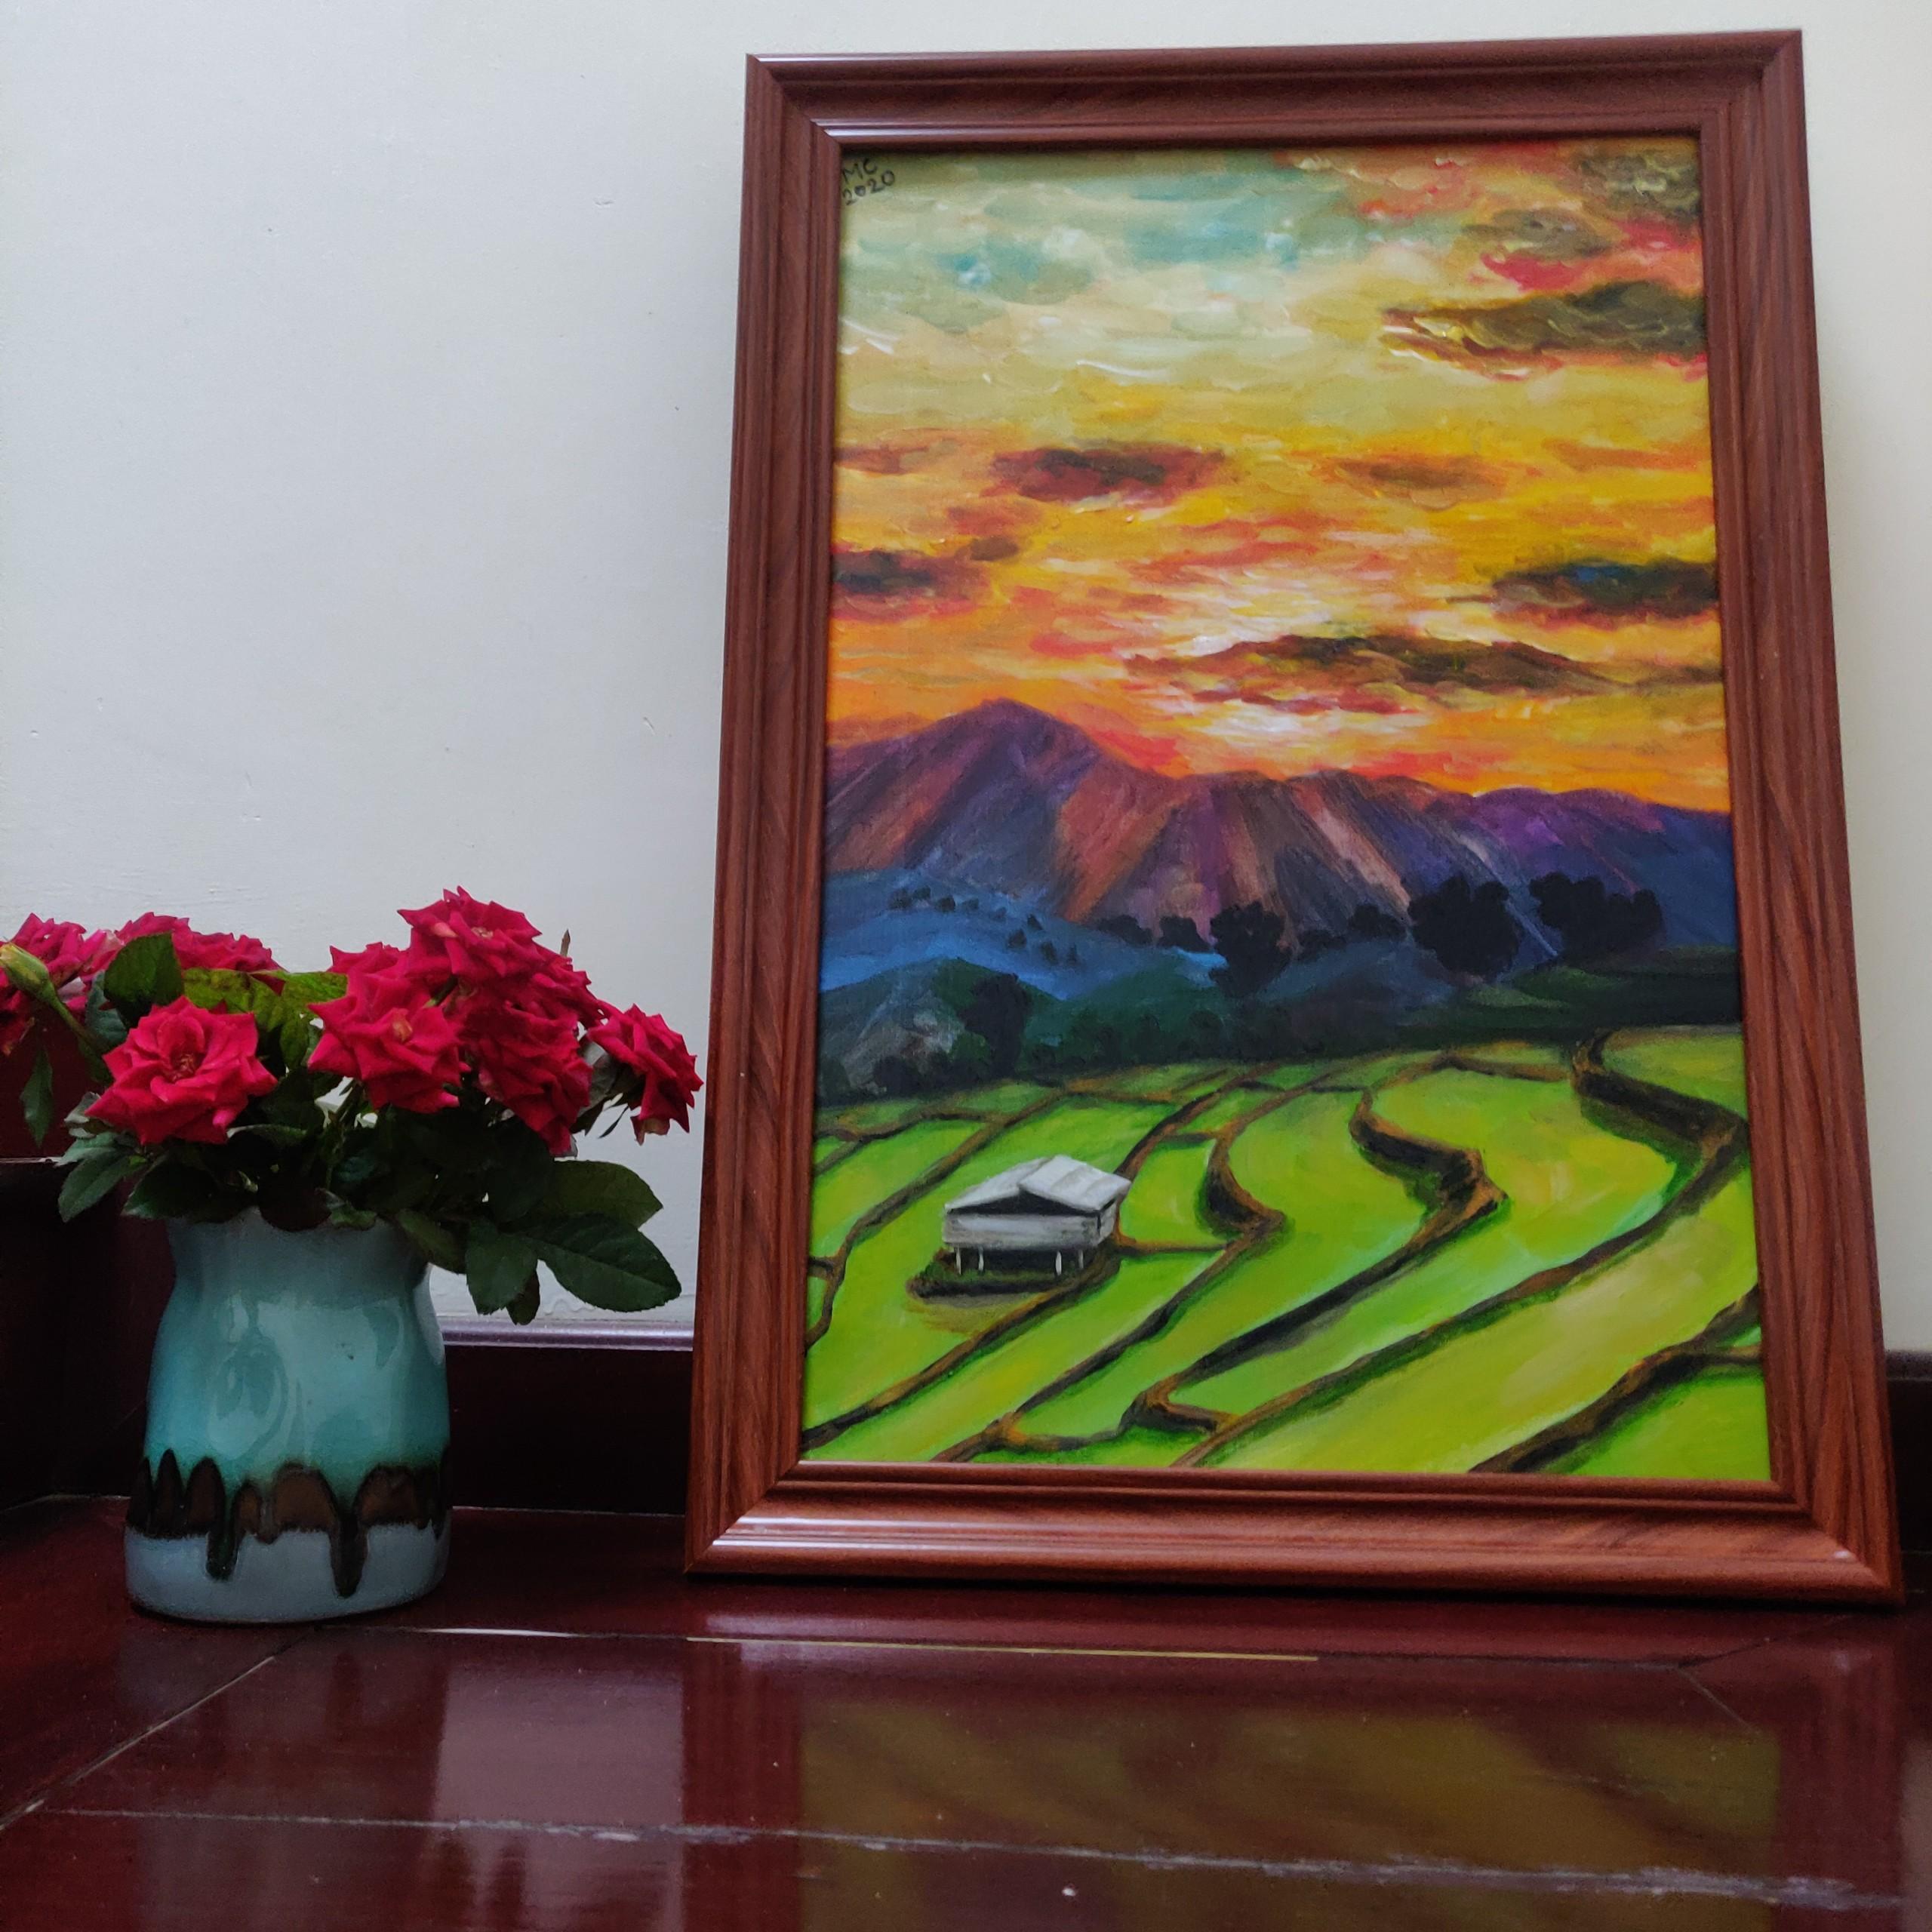 Tranh sơn dầu họa sỹ sáng tác vẽ tay: SỚM VÙNG CAO